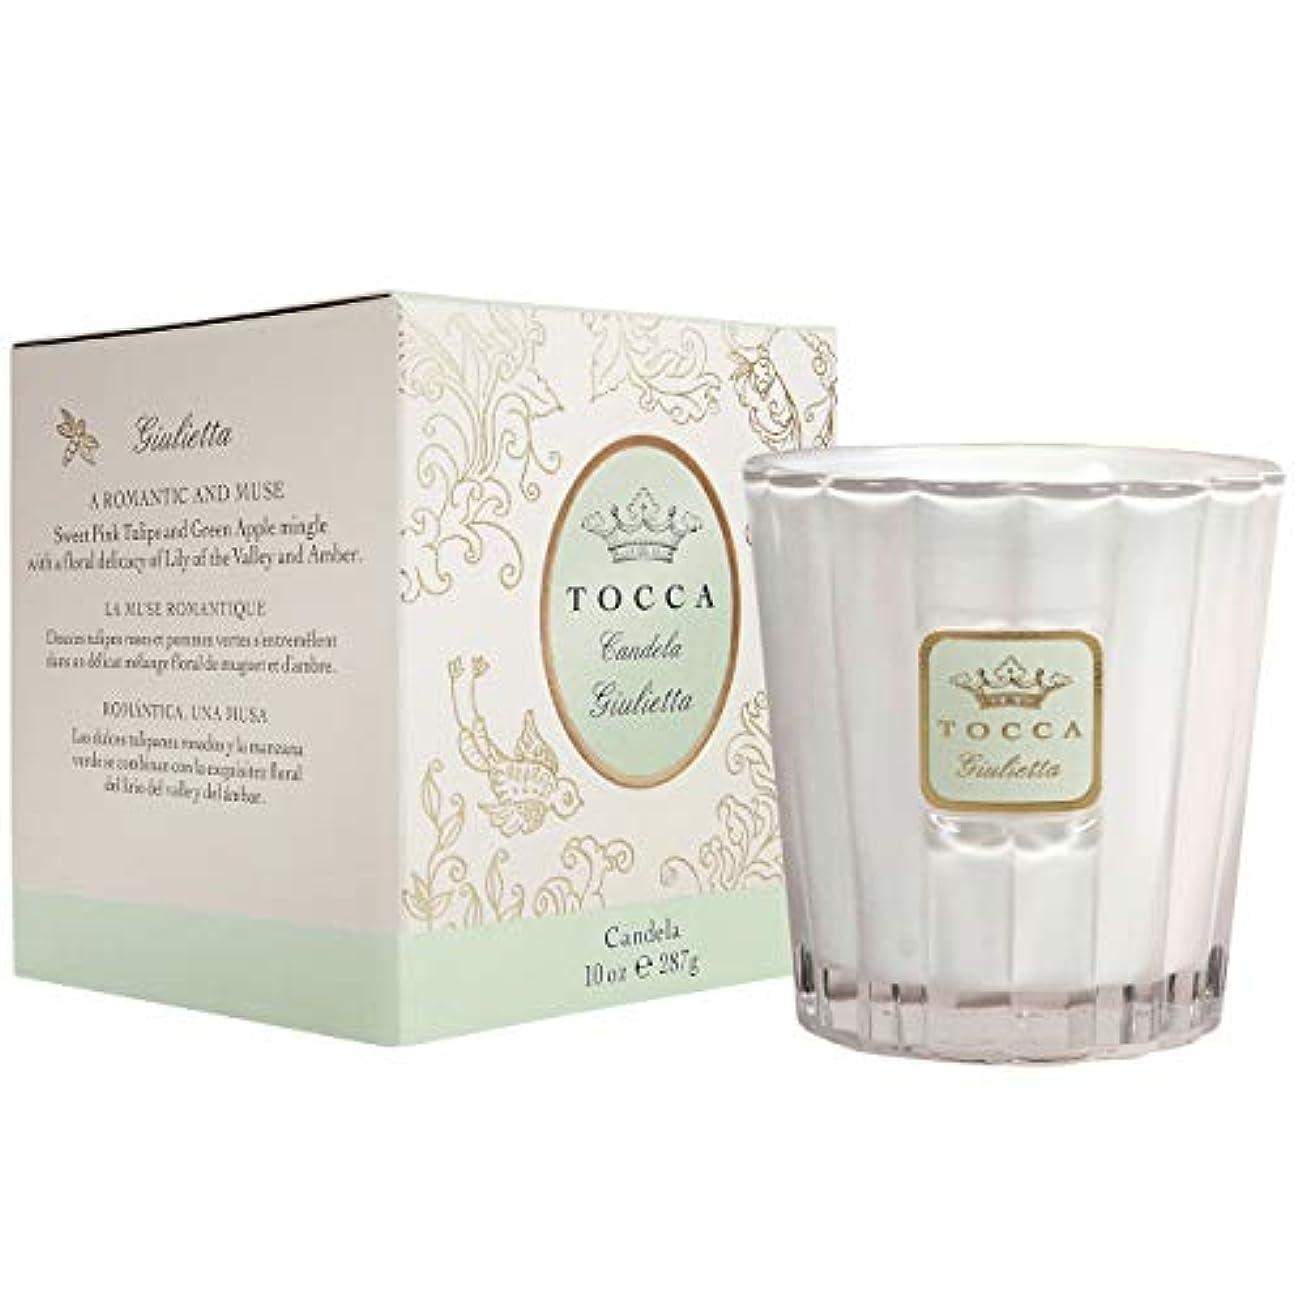 マーケティング微妙博物館トッカ(TOCCA) キャンドル ジュリエッタの香り 約287g (ろうそく 爽やかで甘い香り)